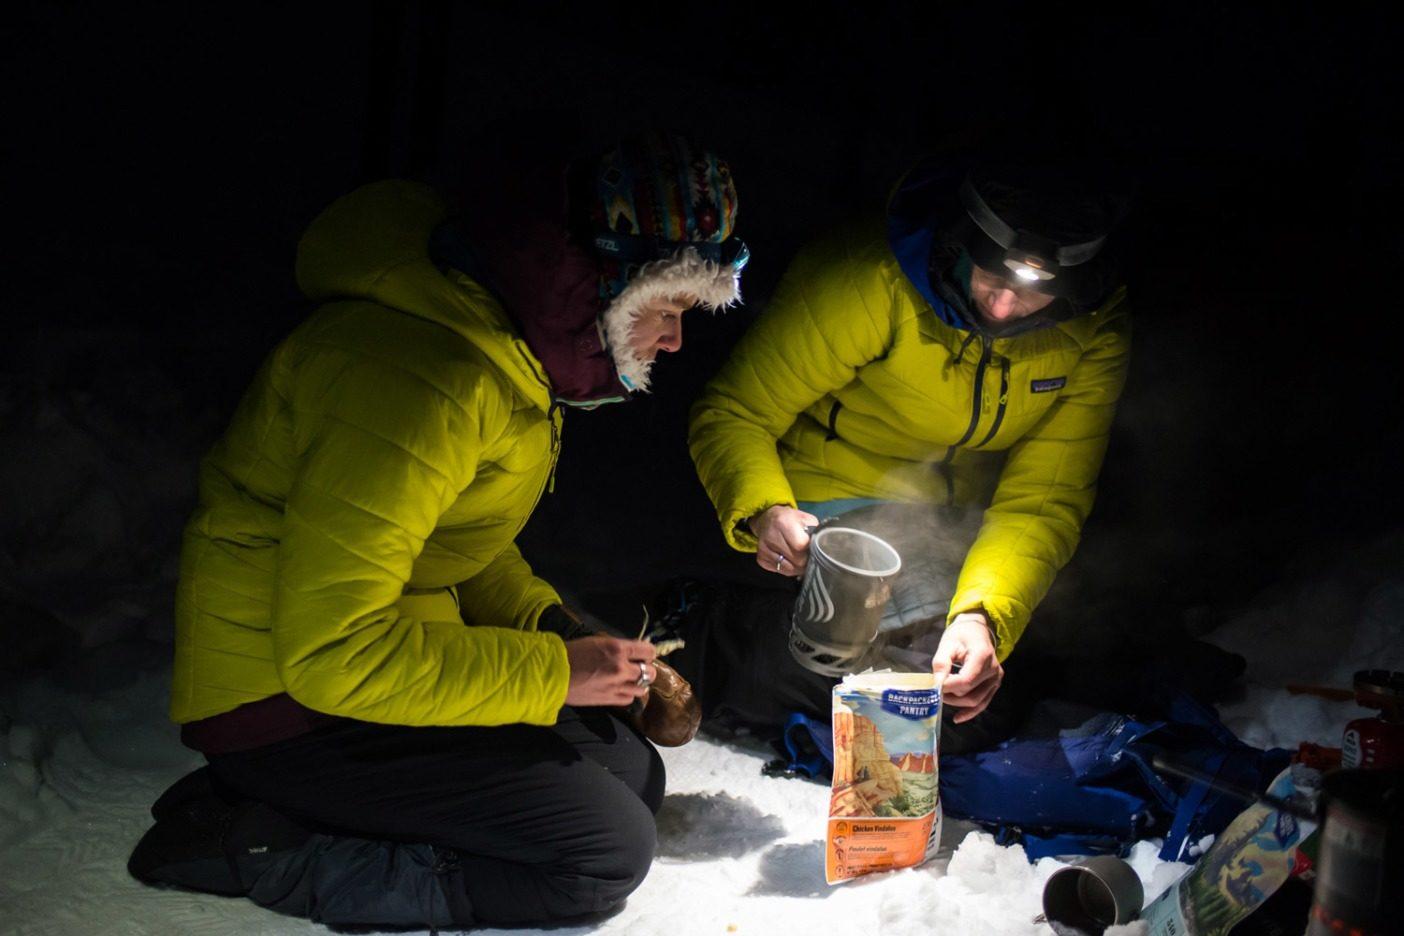 リア・エヴァンスとマリー=フランス・ロイは暖かさを保とうと全力を尽くす。通常それは、太陽が沈み、気温が-7℃を下回った時の、防寒服の重ね着や、たっぷりの温かい食事を意味する。Photo: Colin Wiseman